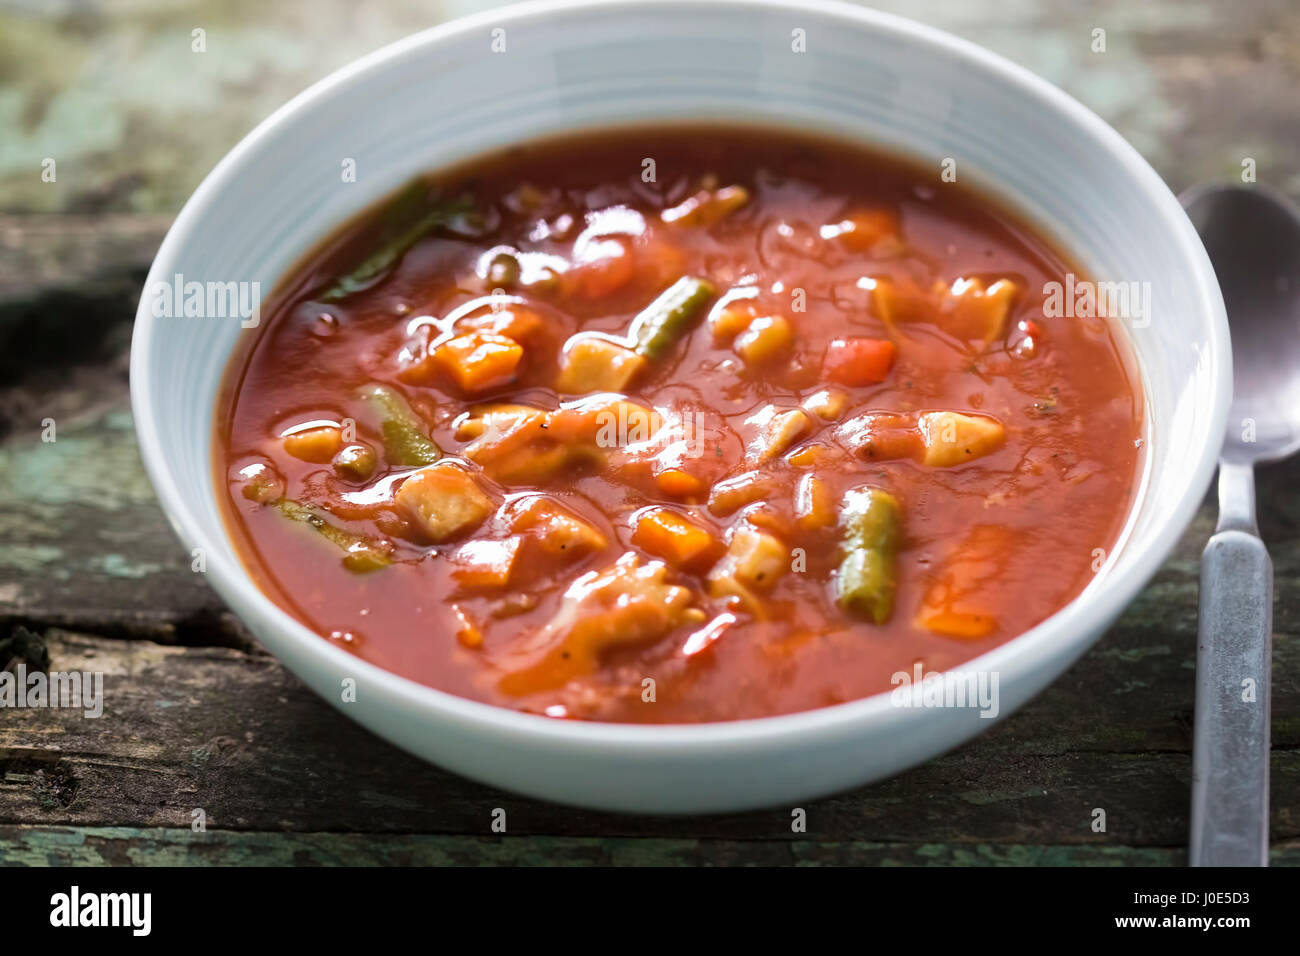 Conserve Italia zuppa di pomodoro Foto Stock